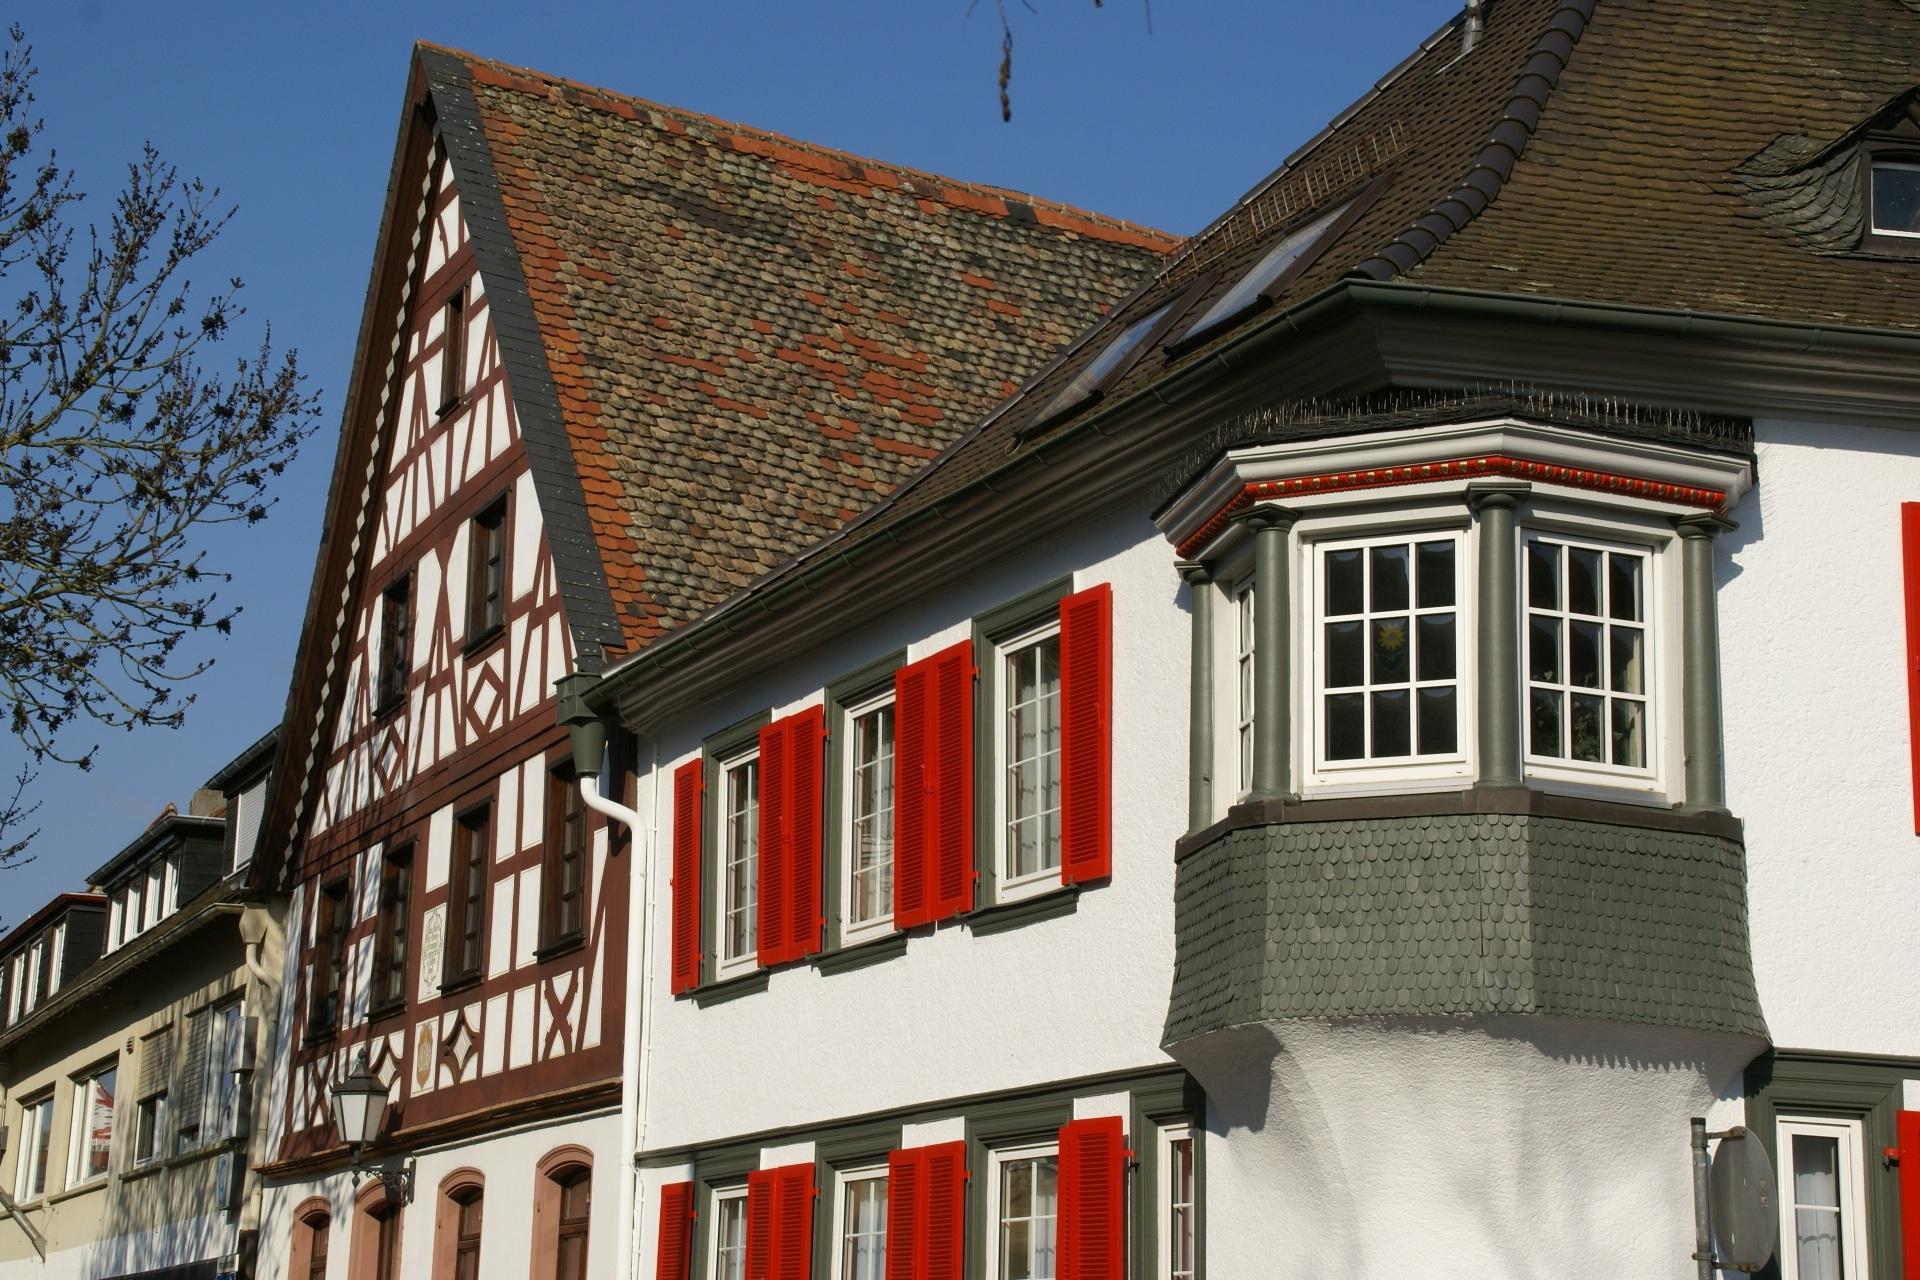 Fotos gratis : arquitectura, casa, pueblo, techo, edificio, antiguo ...